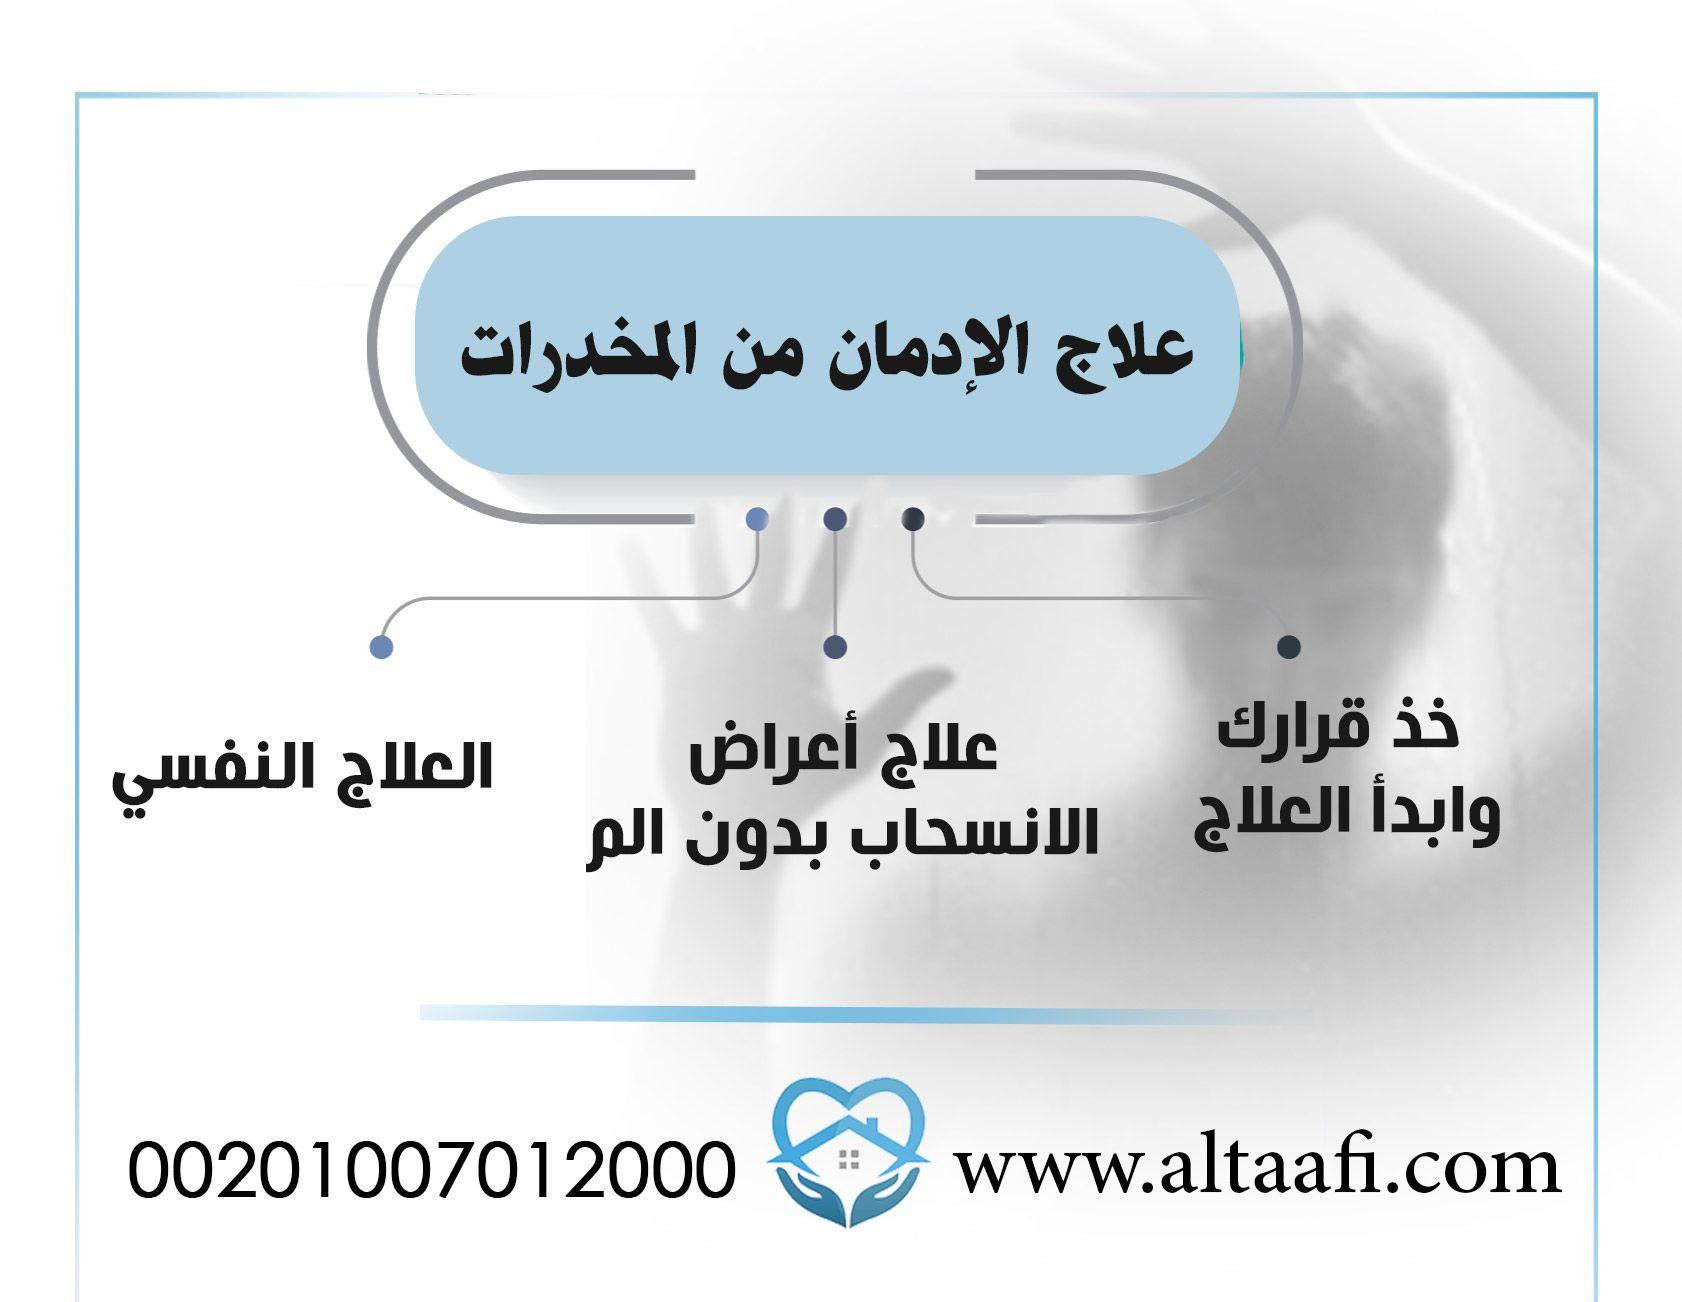 علاج الإدمان من المخدرات 3 خطوات تصل بك للتعافي التام دون ألم Alc